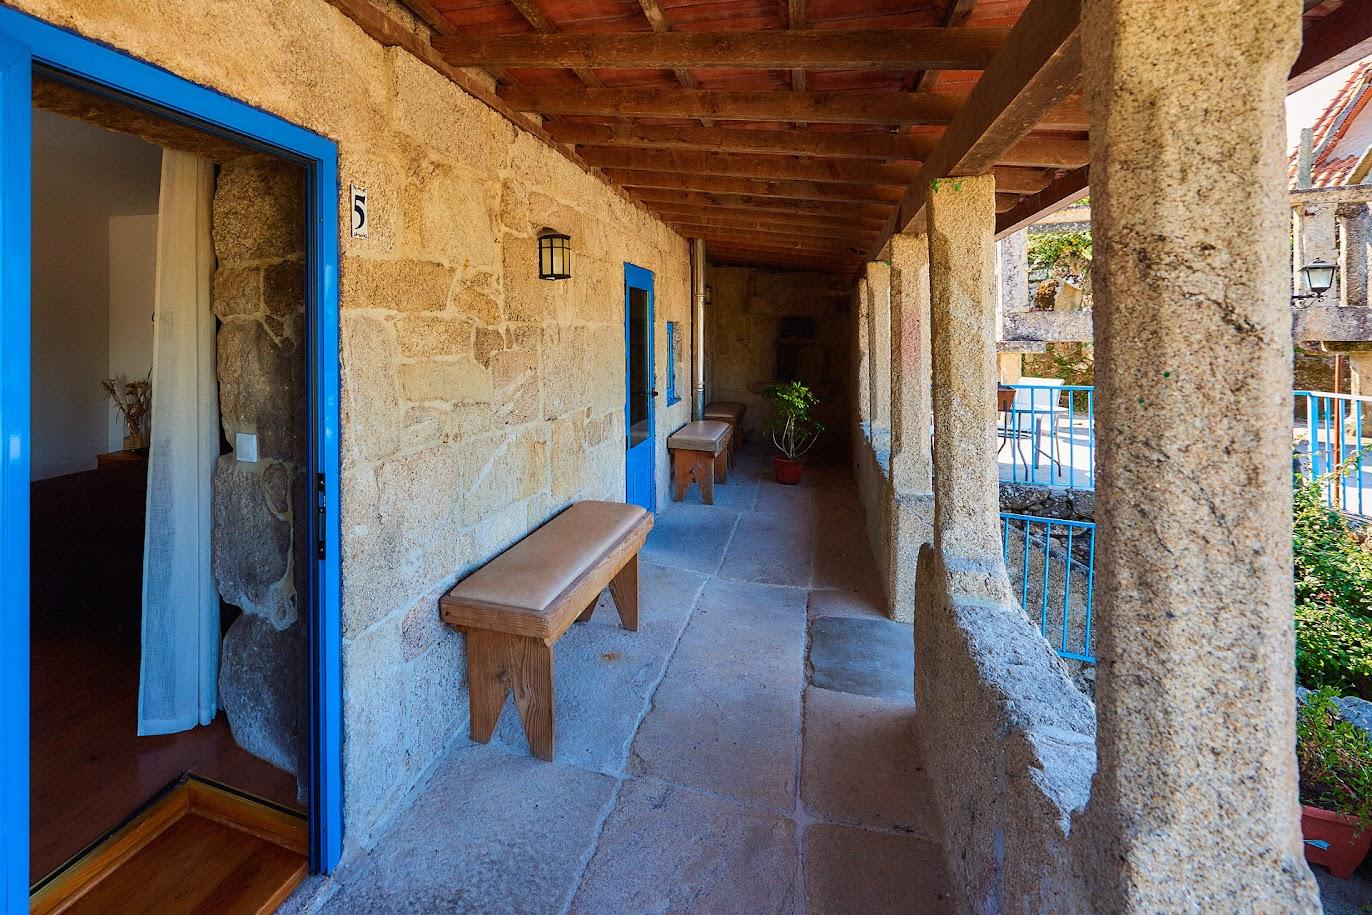 Venta casa rural r as baixas con varias edificaciones - Casa rural rias baixas ...